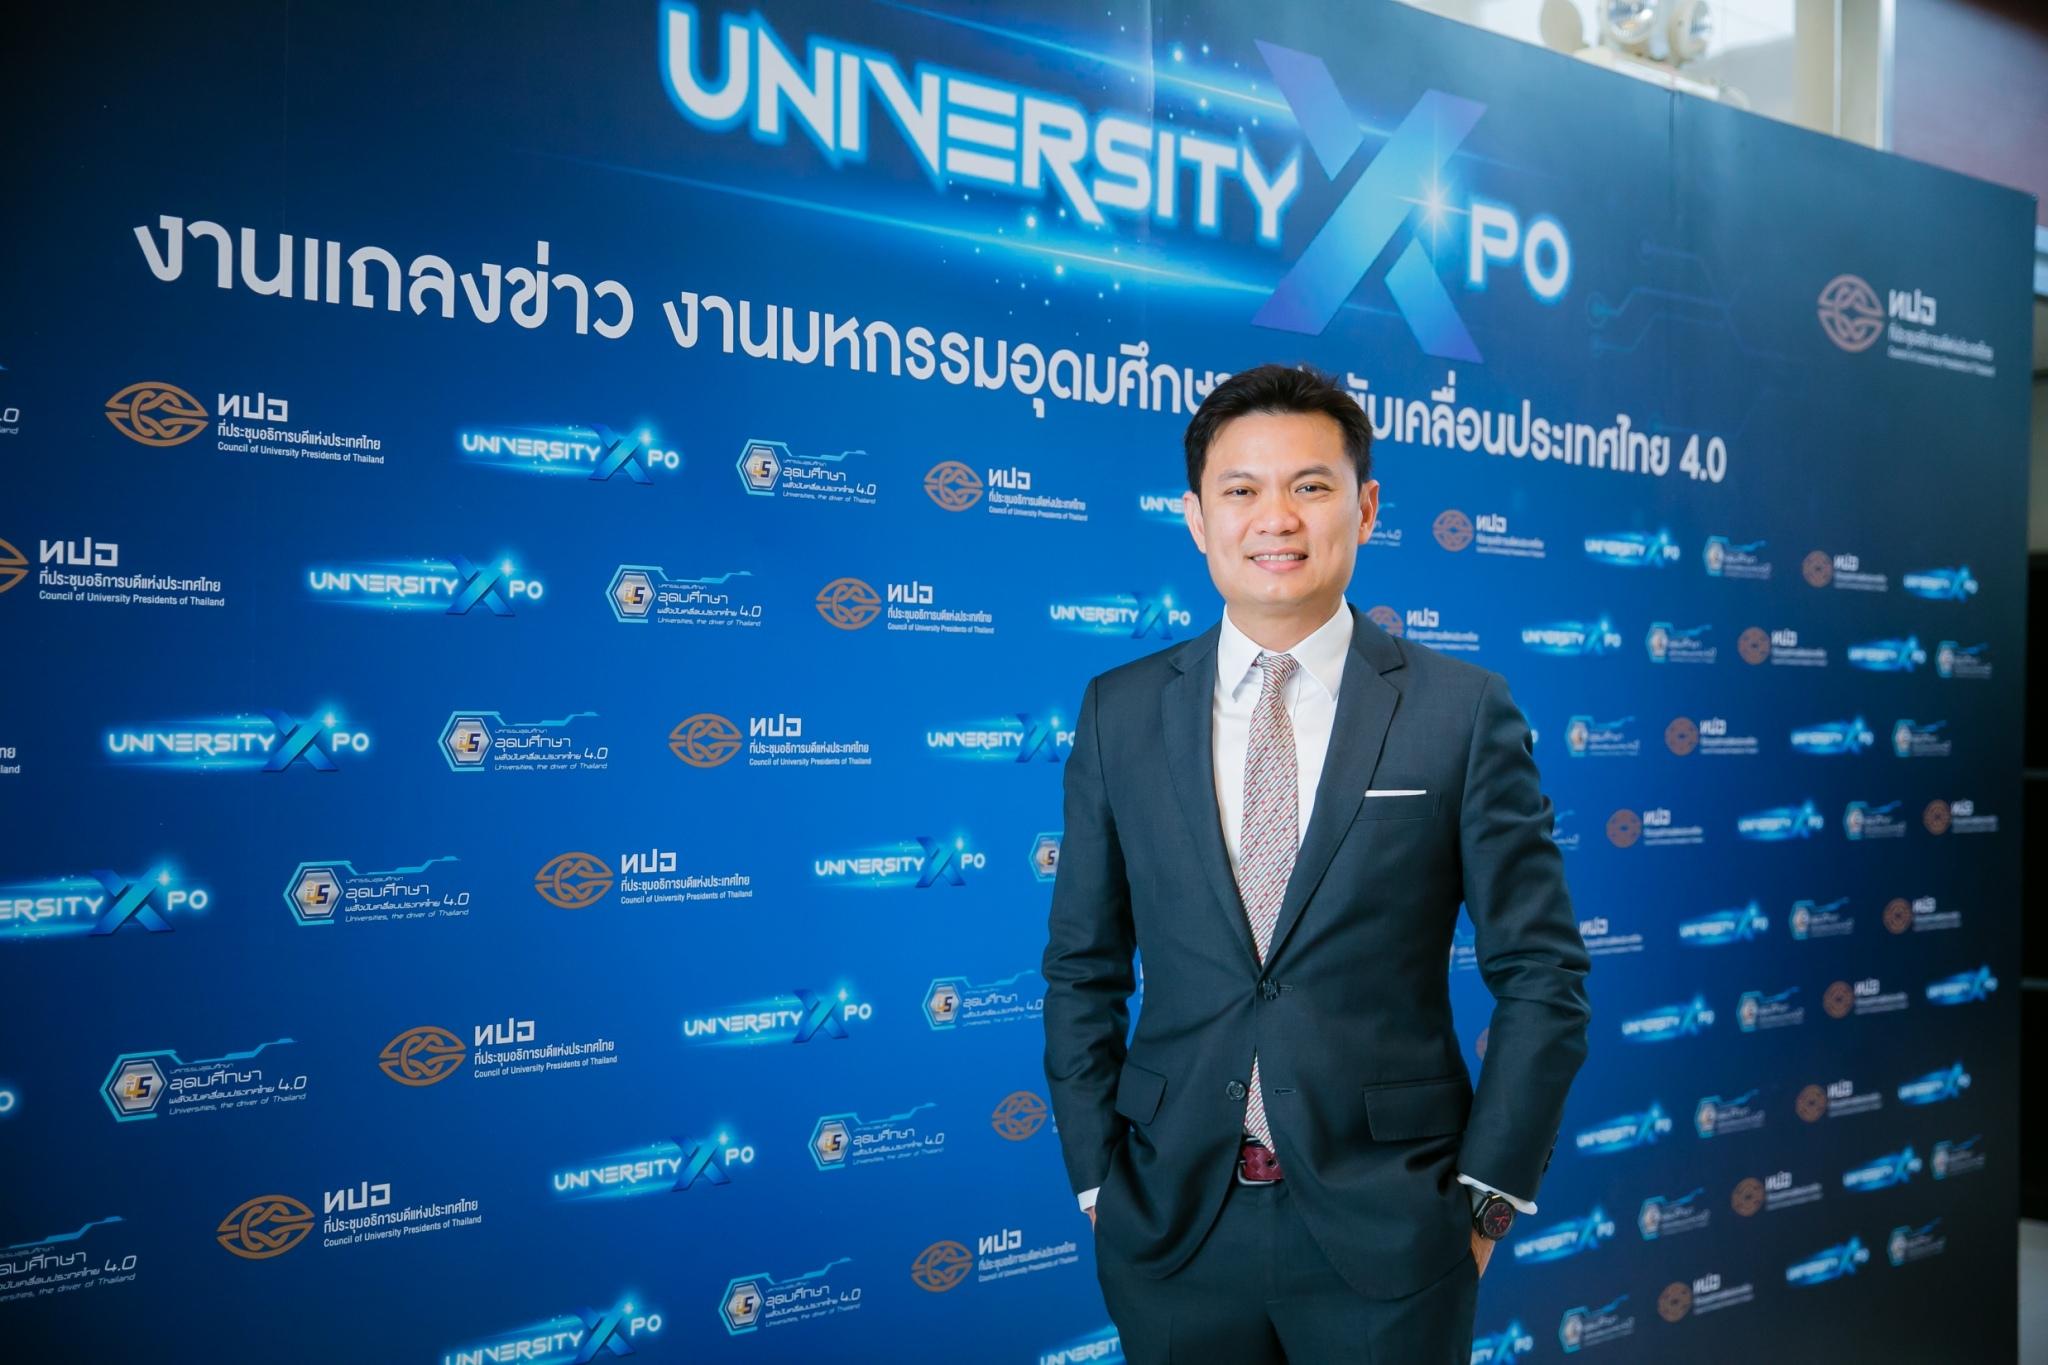 การแถลงข่าวงานมหกรรมอุดมศึกษาขับเคลื่อนประเทศไทย 4.0 (UNIXPO)